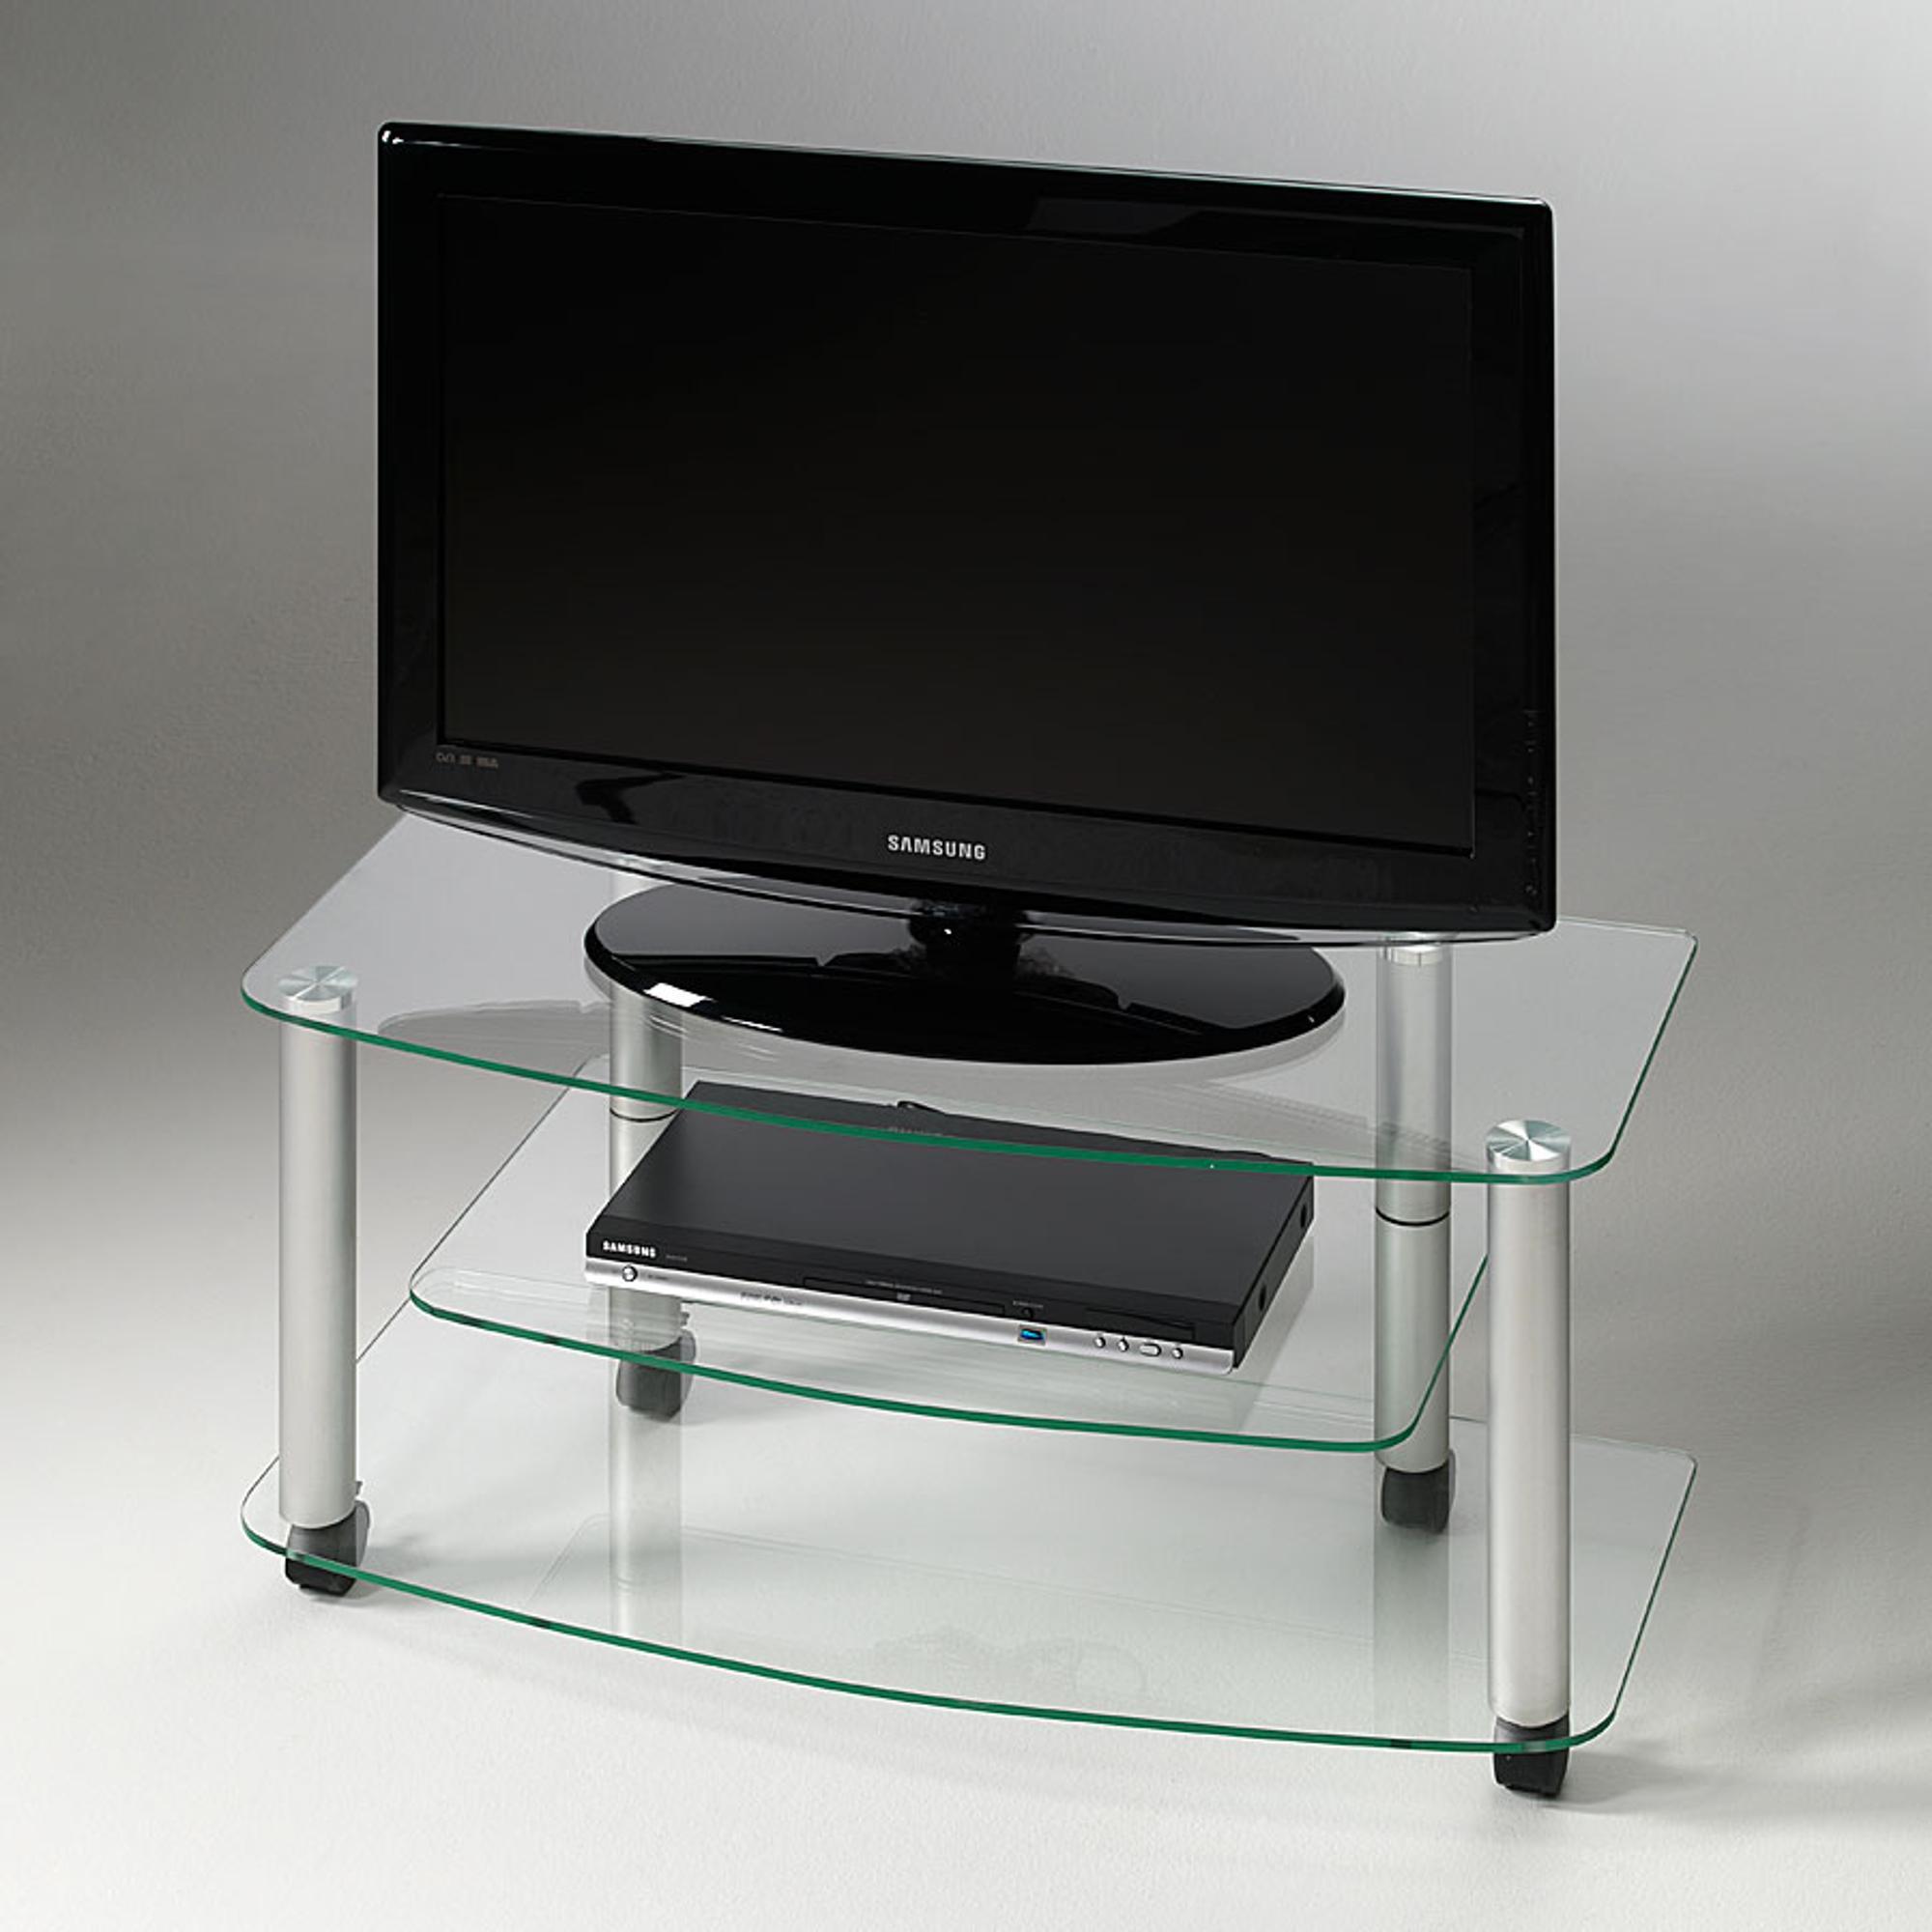 Carrello porta tv03 90x40x43h cm ripiani in vetro temperato 8 mm millenium portata max kg 45 - Mobile stiro mondo convenienza ...